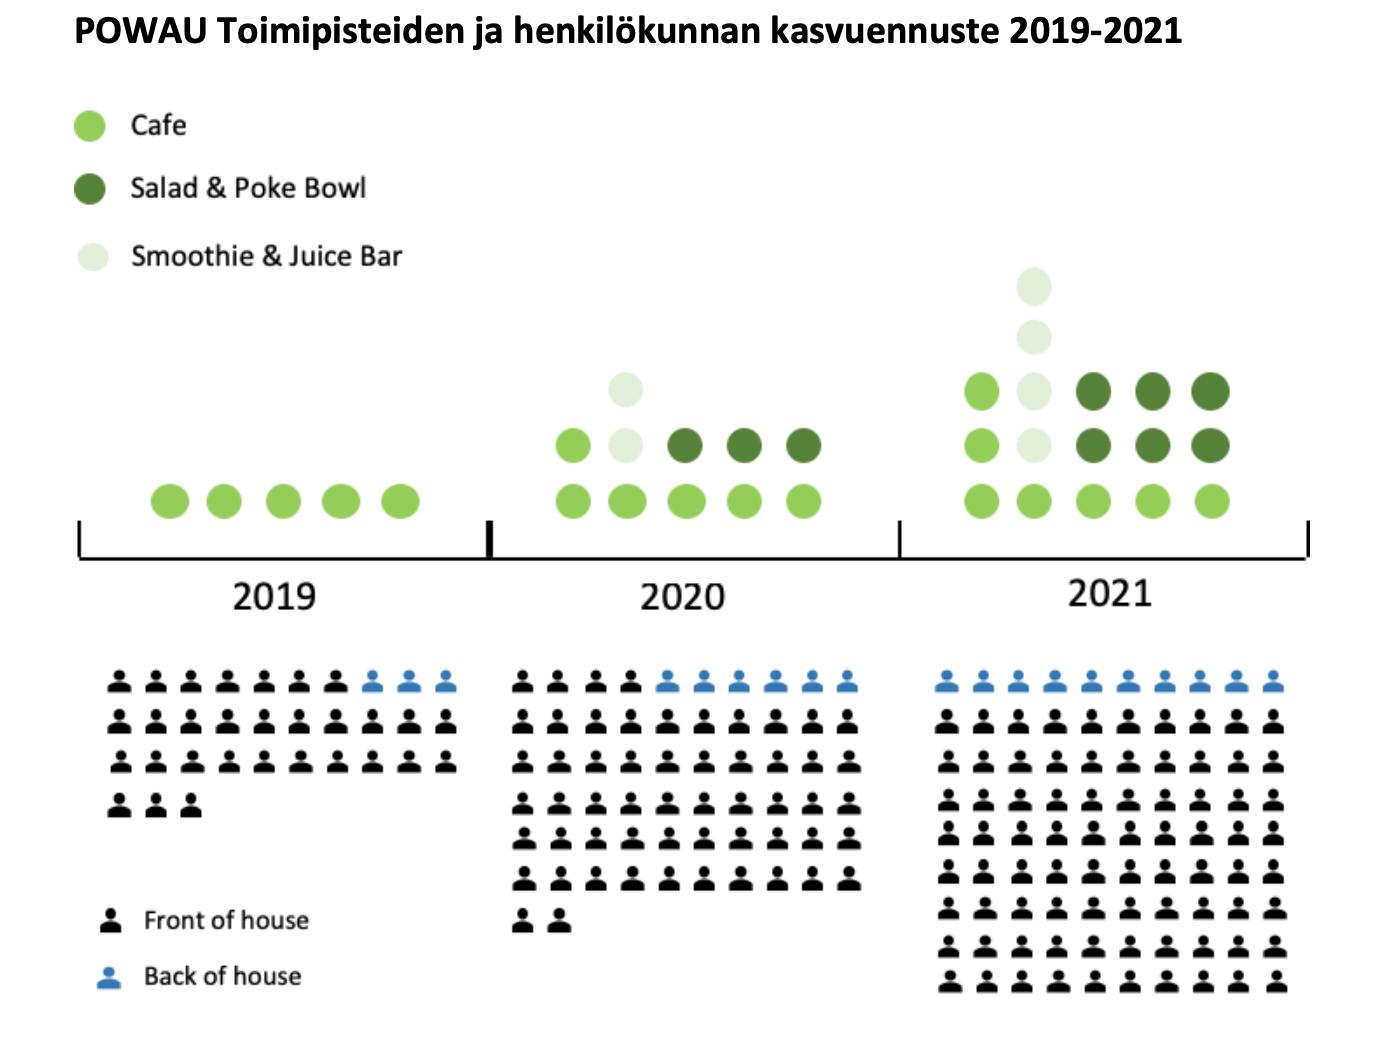 powau toimipisteiden ja henkilökunnan kasvuennuste 2019-2021-kuva